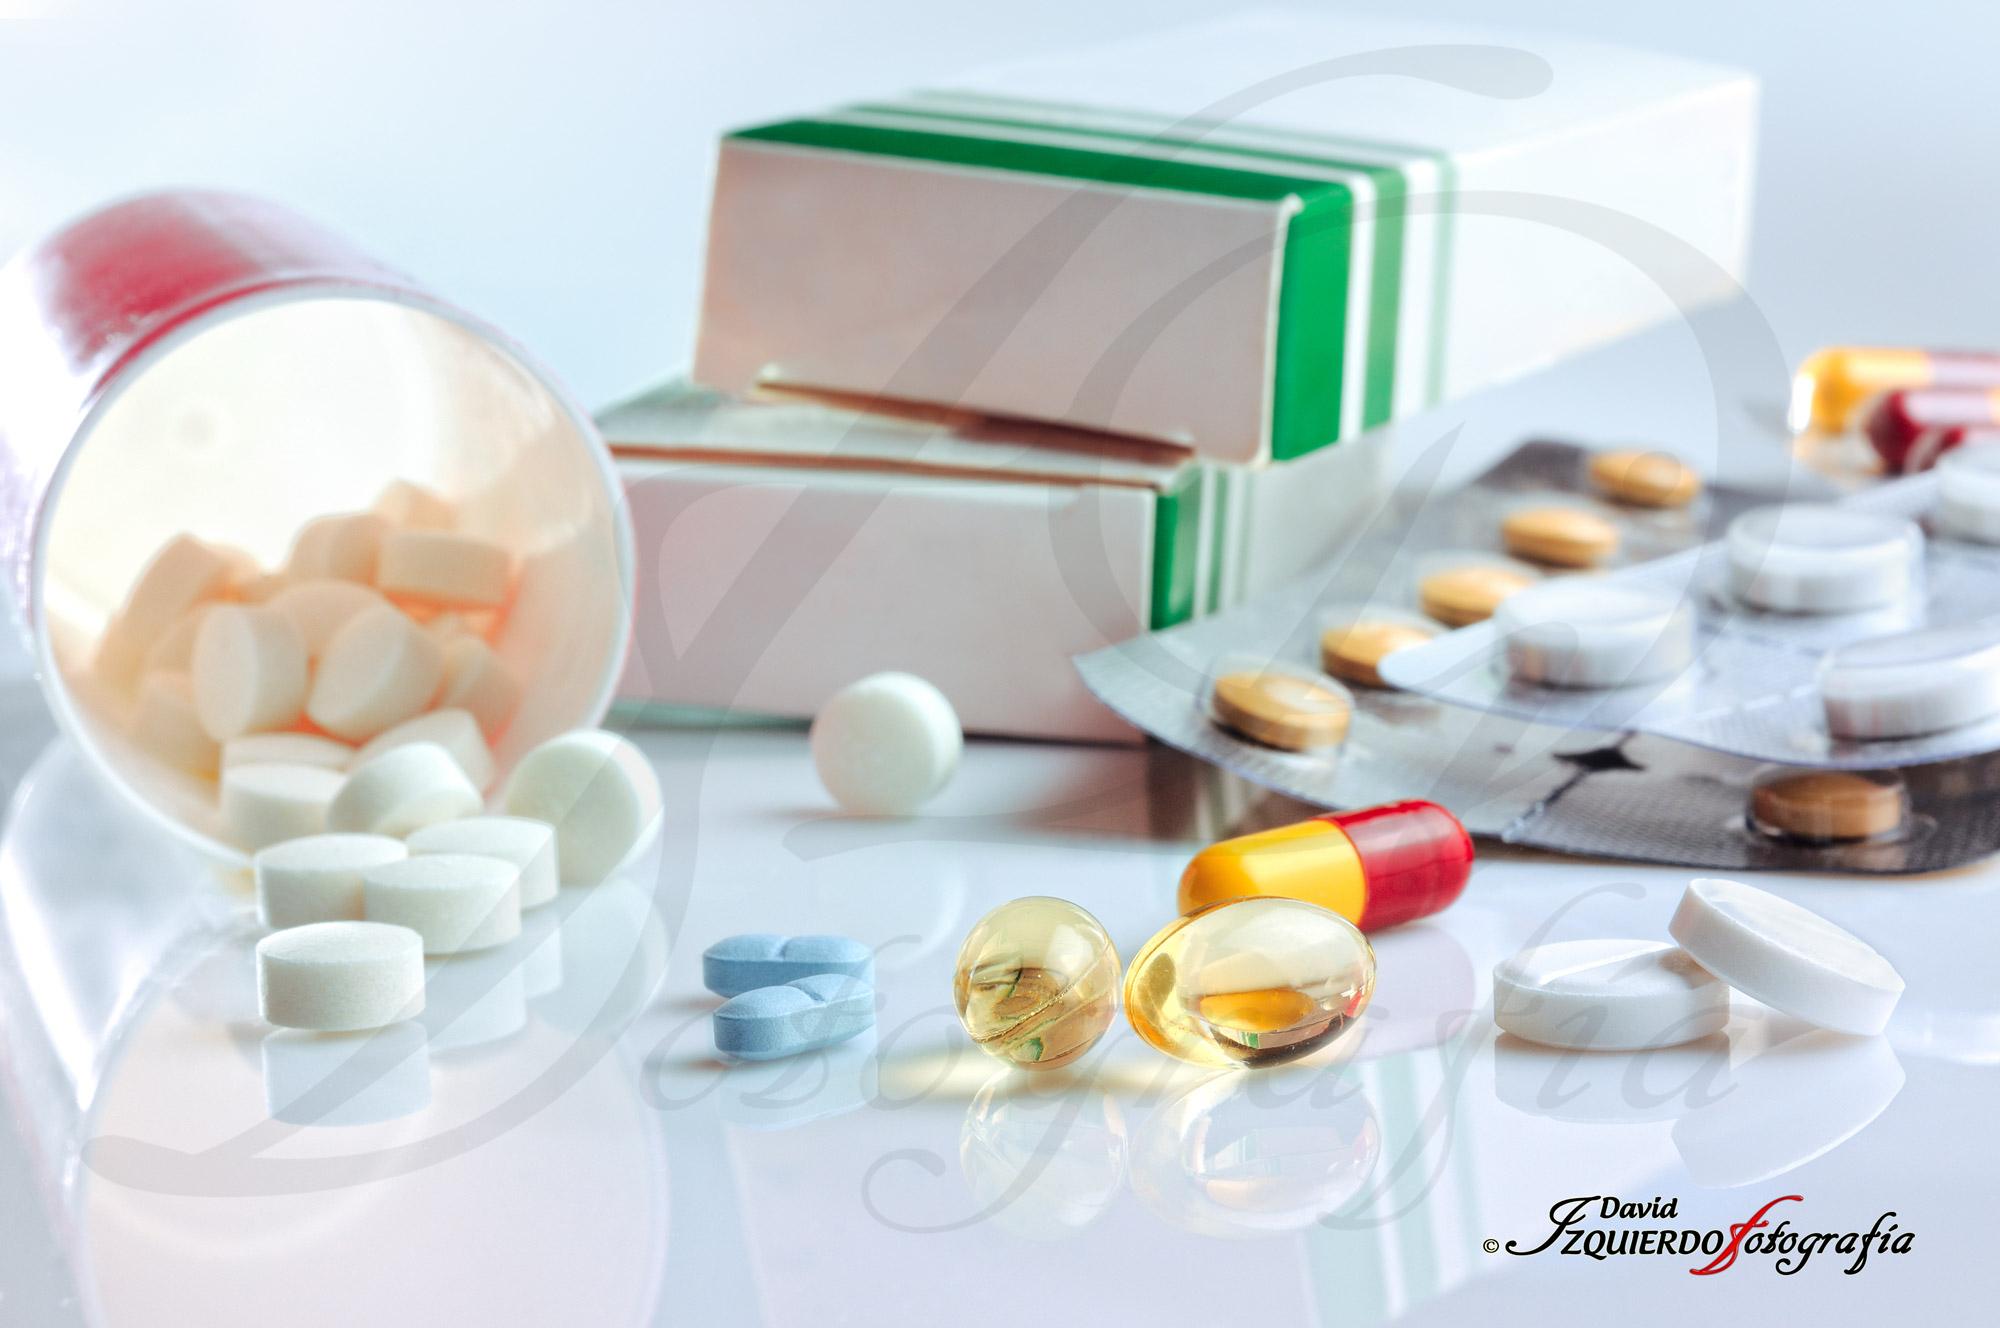 Farmacéutico, medicamentos